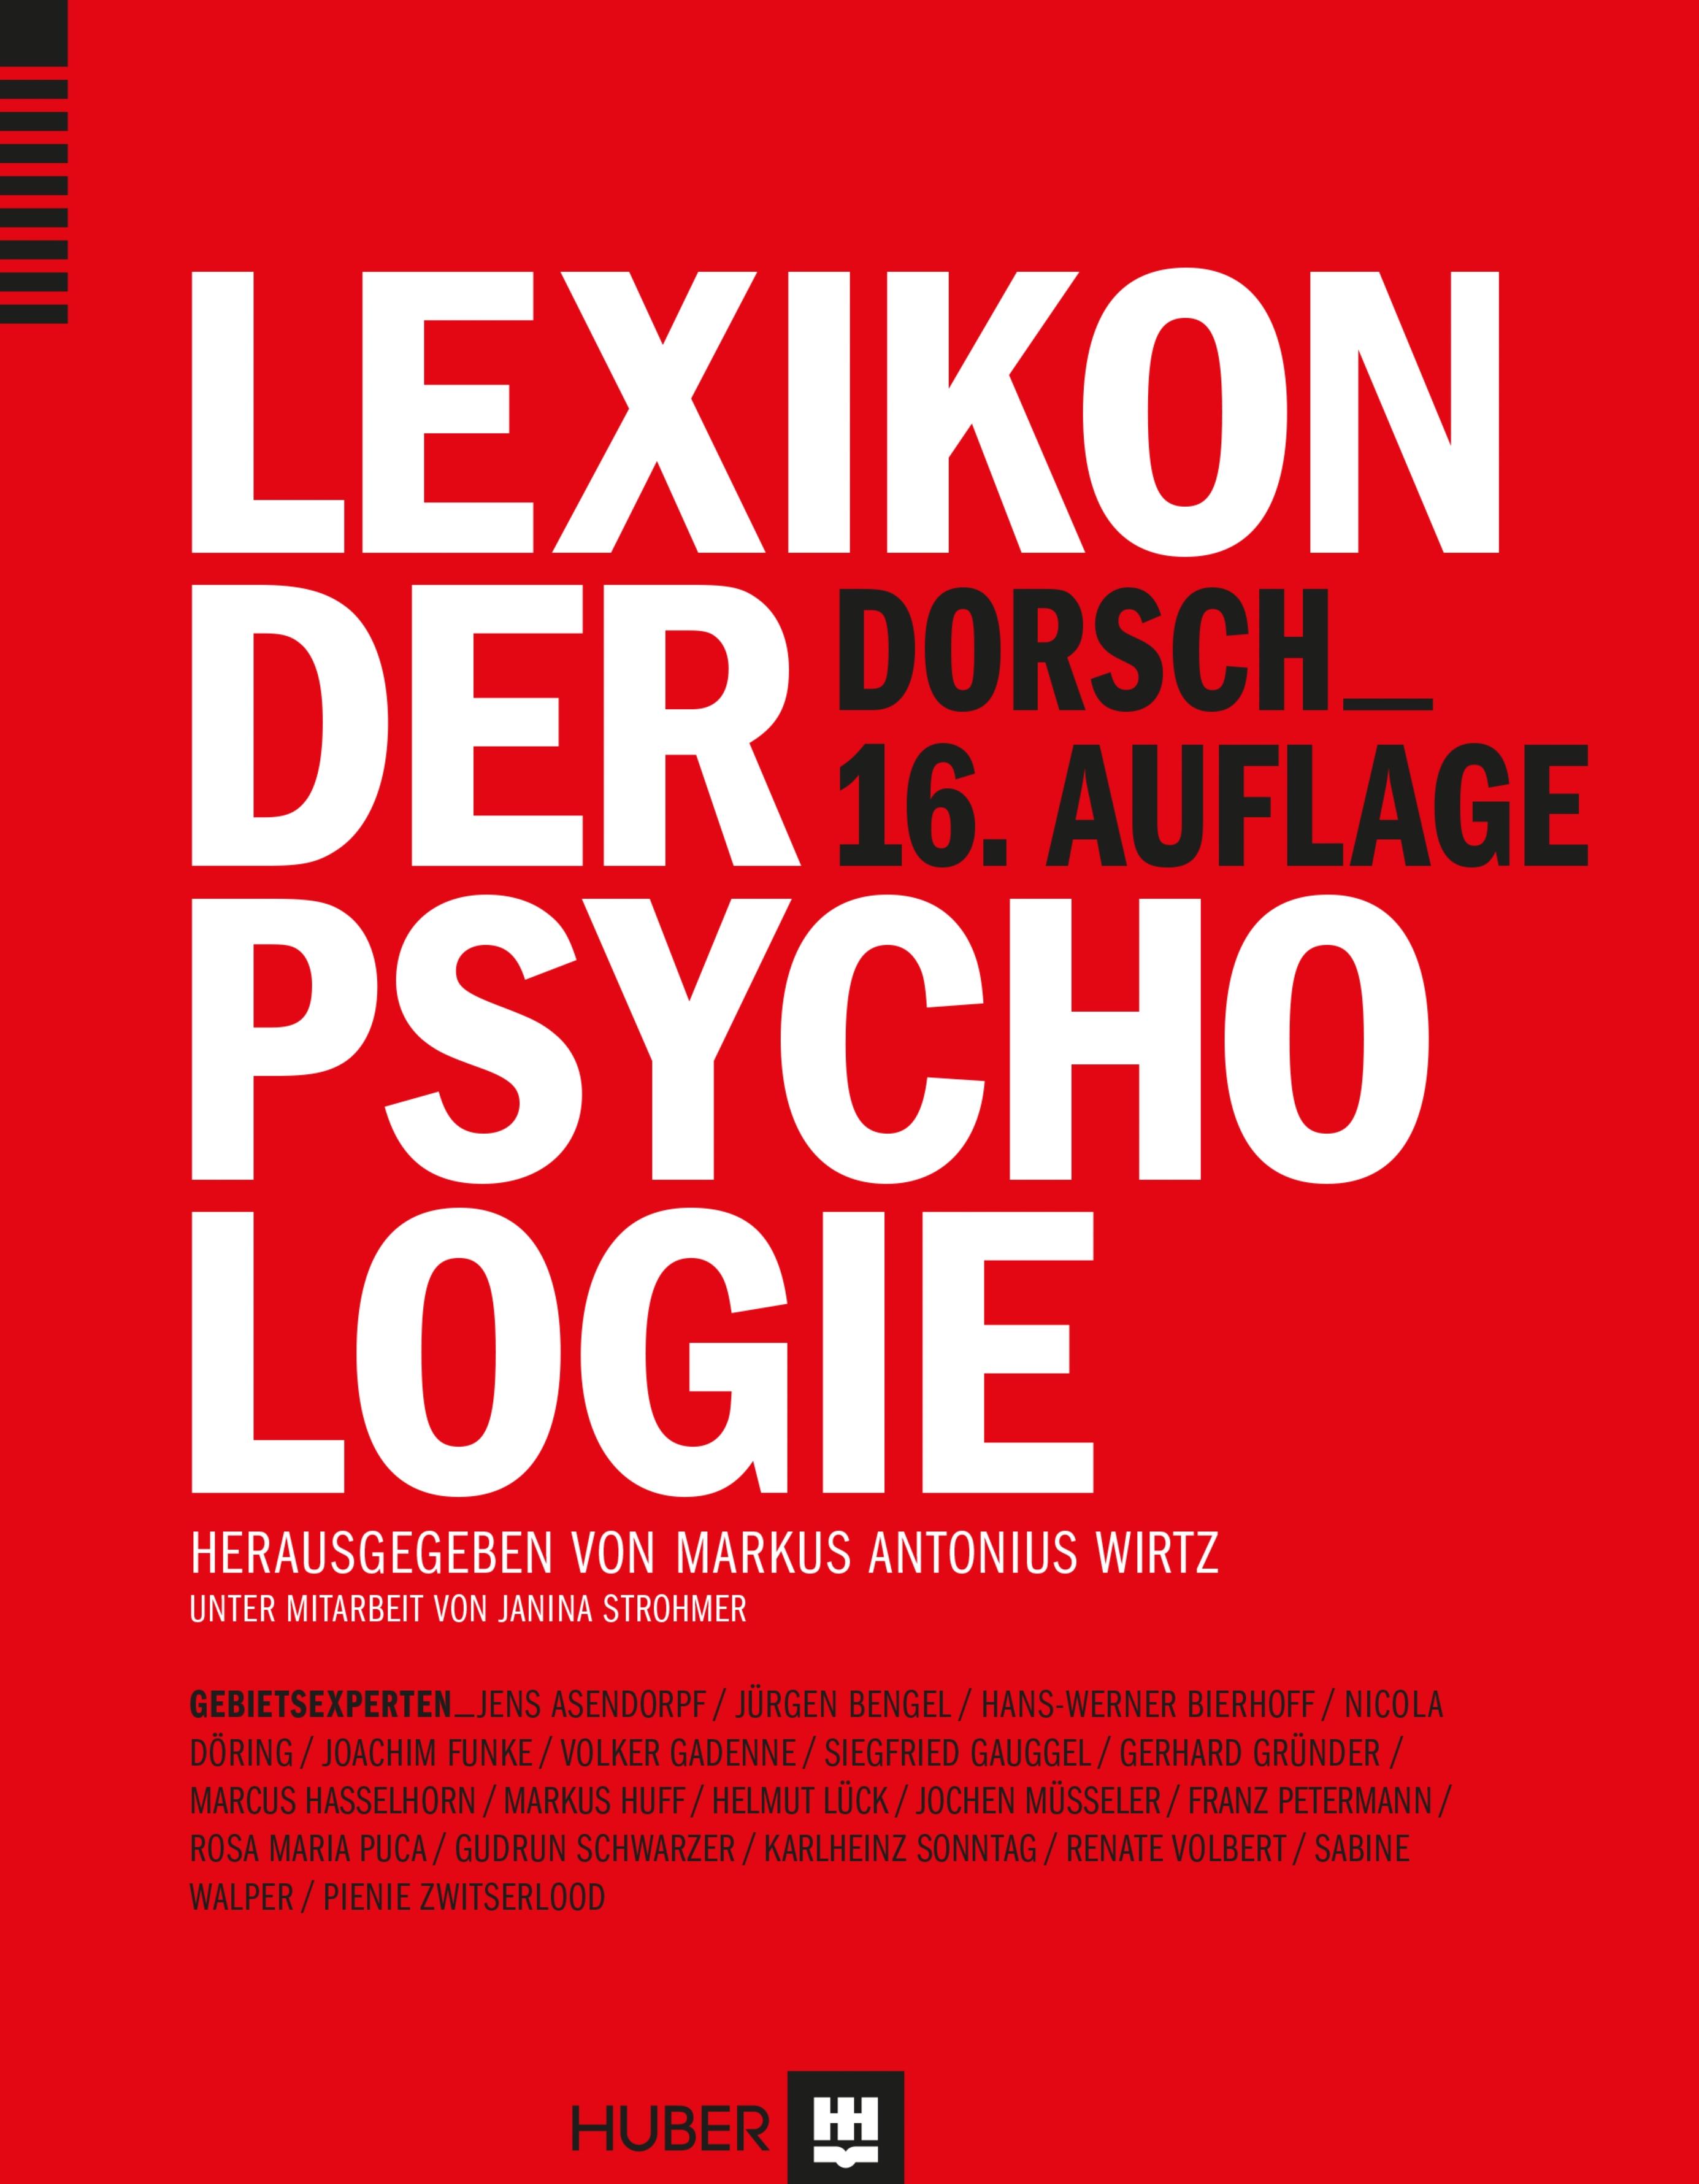 Dorsch - Lexikon der Psychologie [16. Auflage 2...